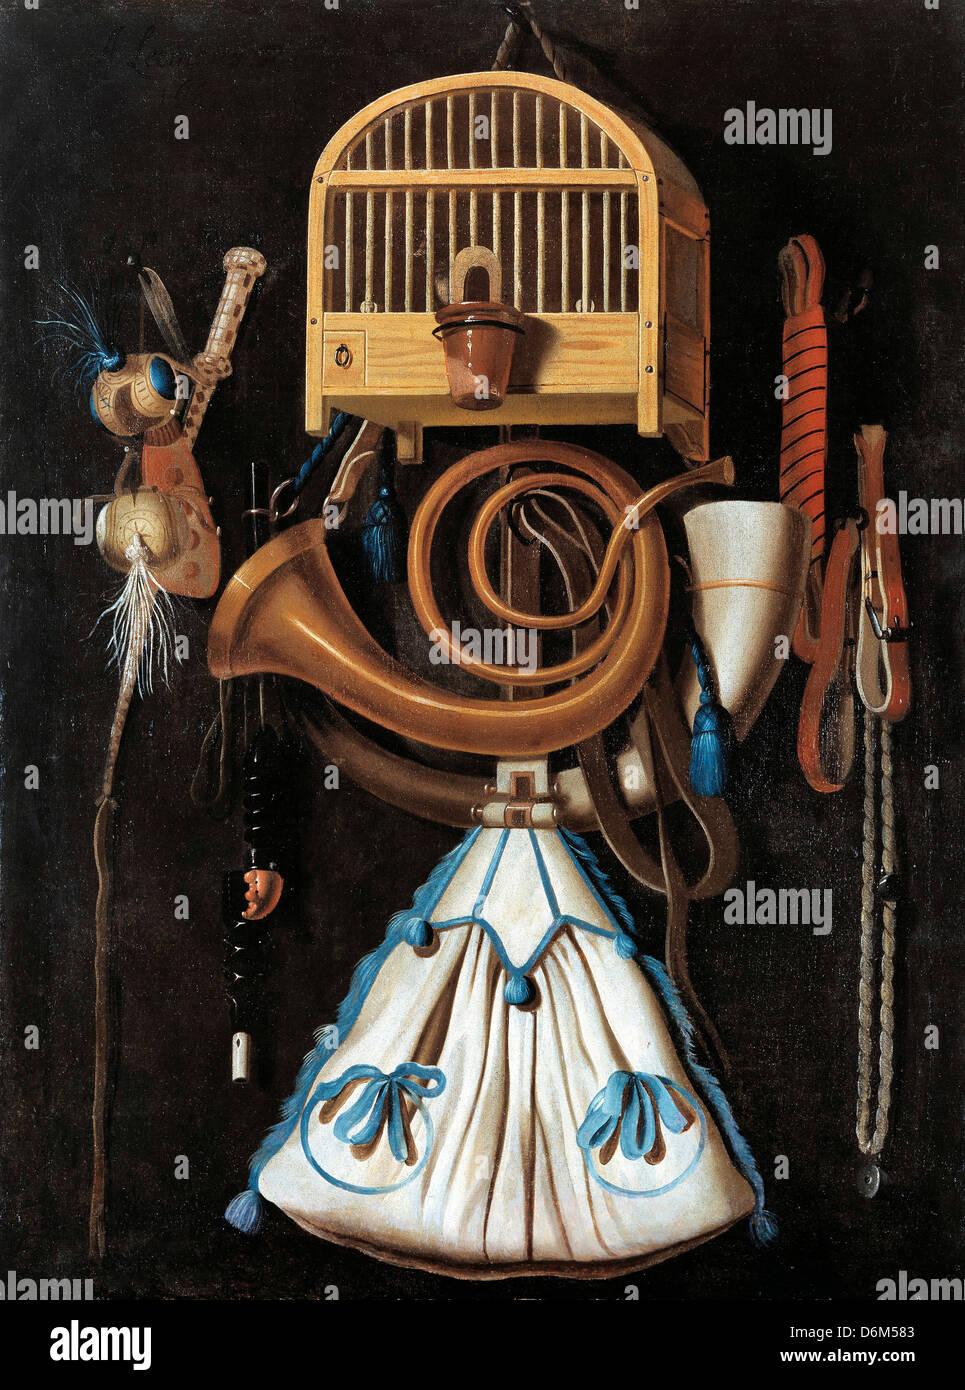 Anthonis Leemans, équipements de Chasse, Nature Morte 1661 Huile sur panneau. L'Armurerie Royale, Stockholm Photo Stock